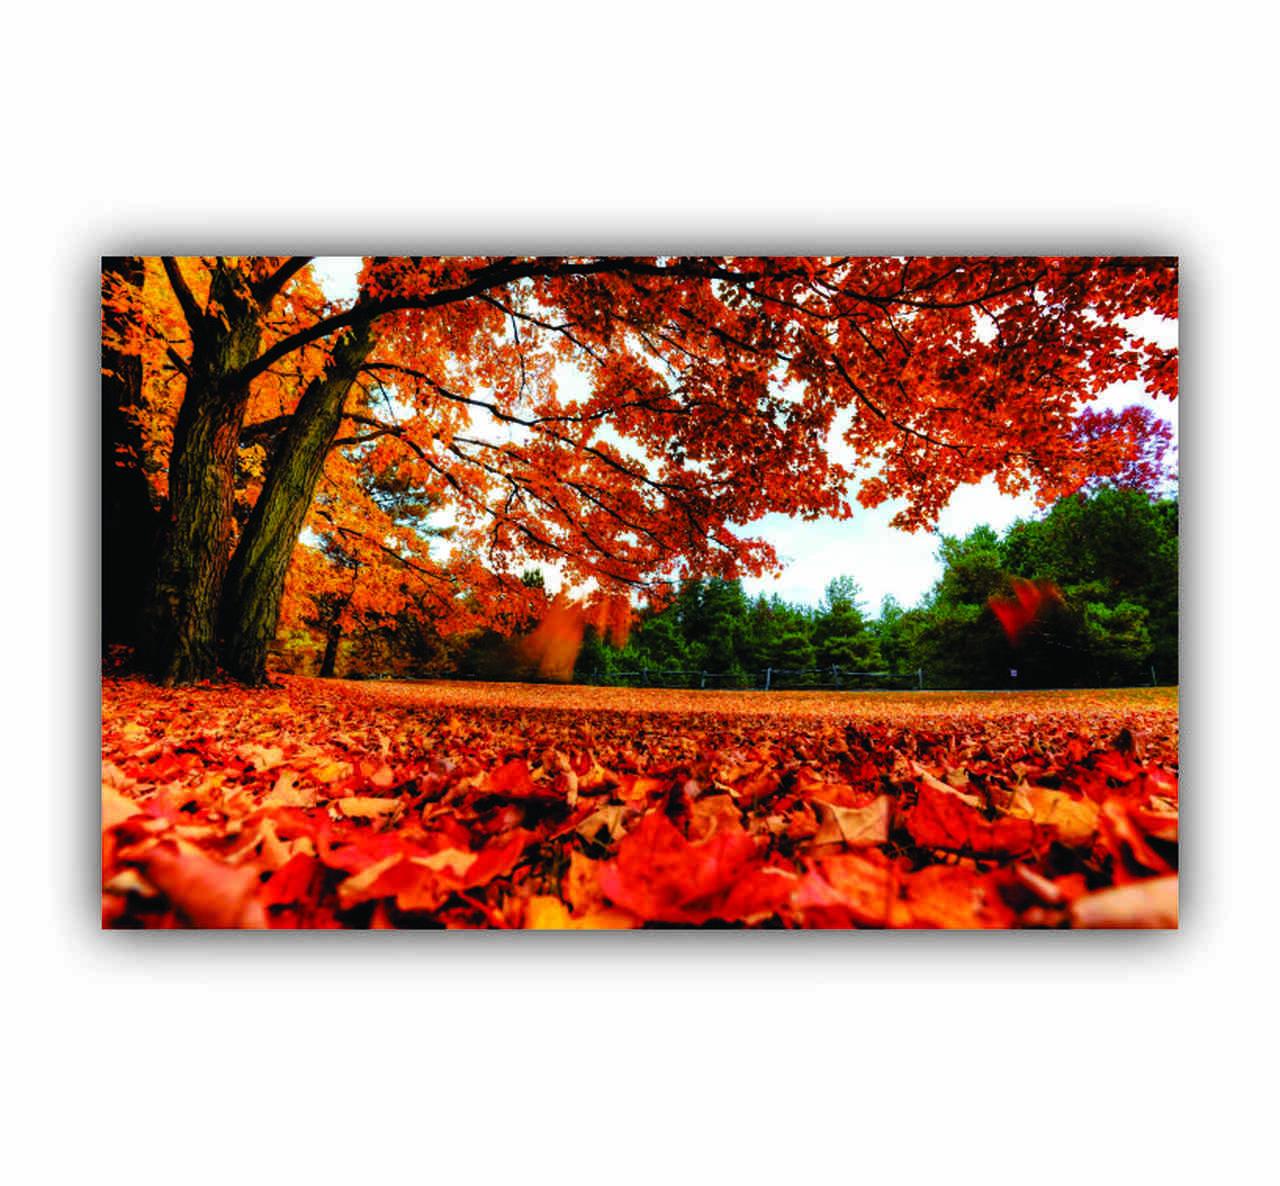 Quadro Árvore Outono Vermelha- Tela Única